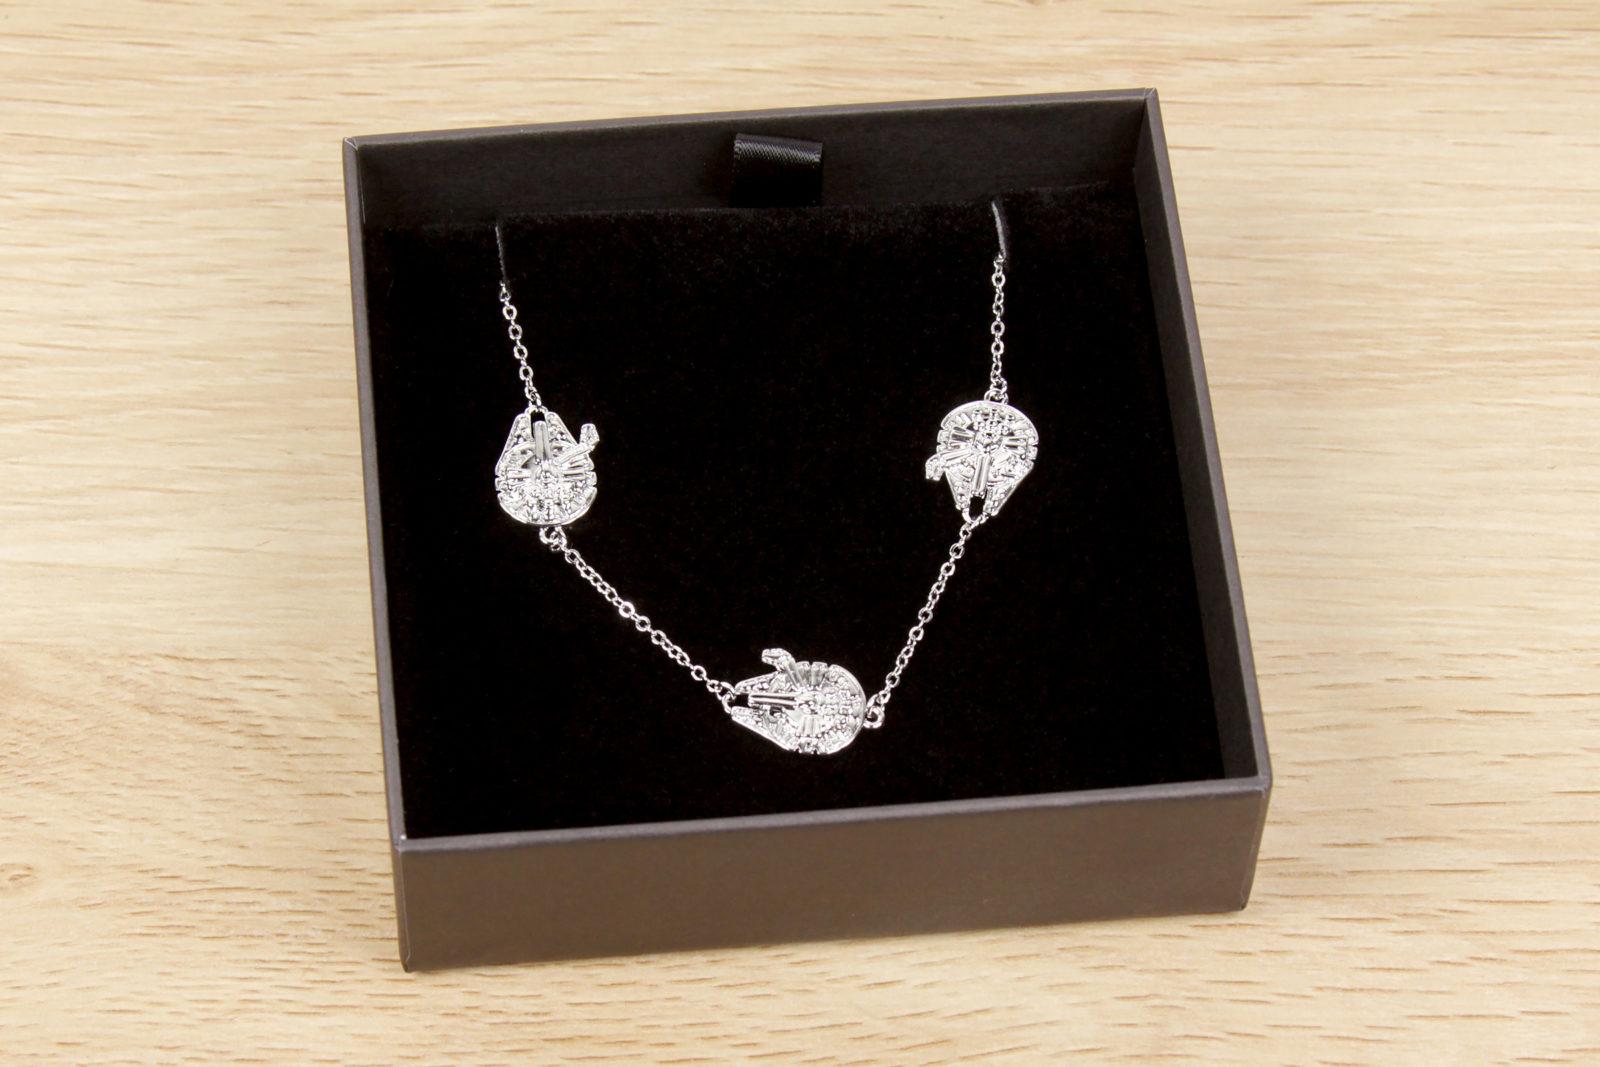 Couture Kingdom - Millennium Falcon Necklace